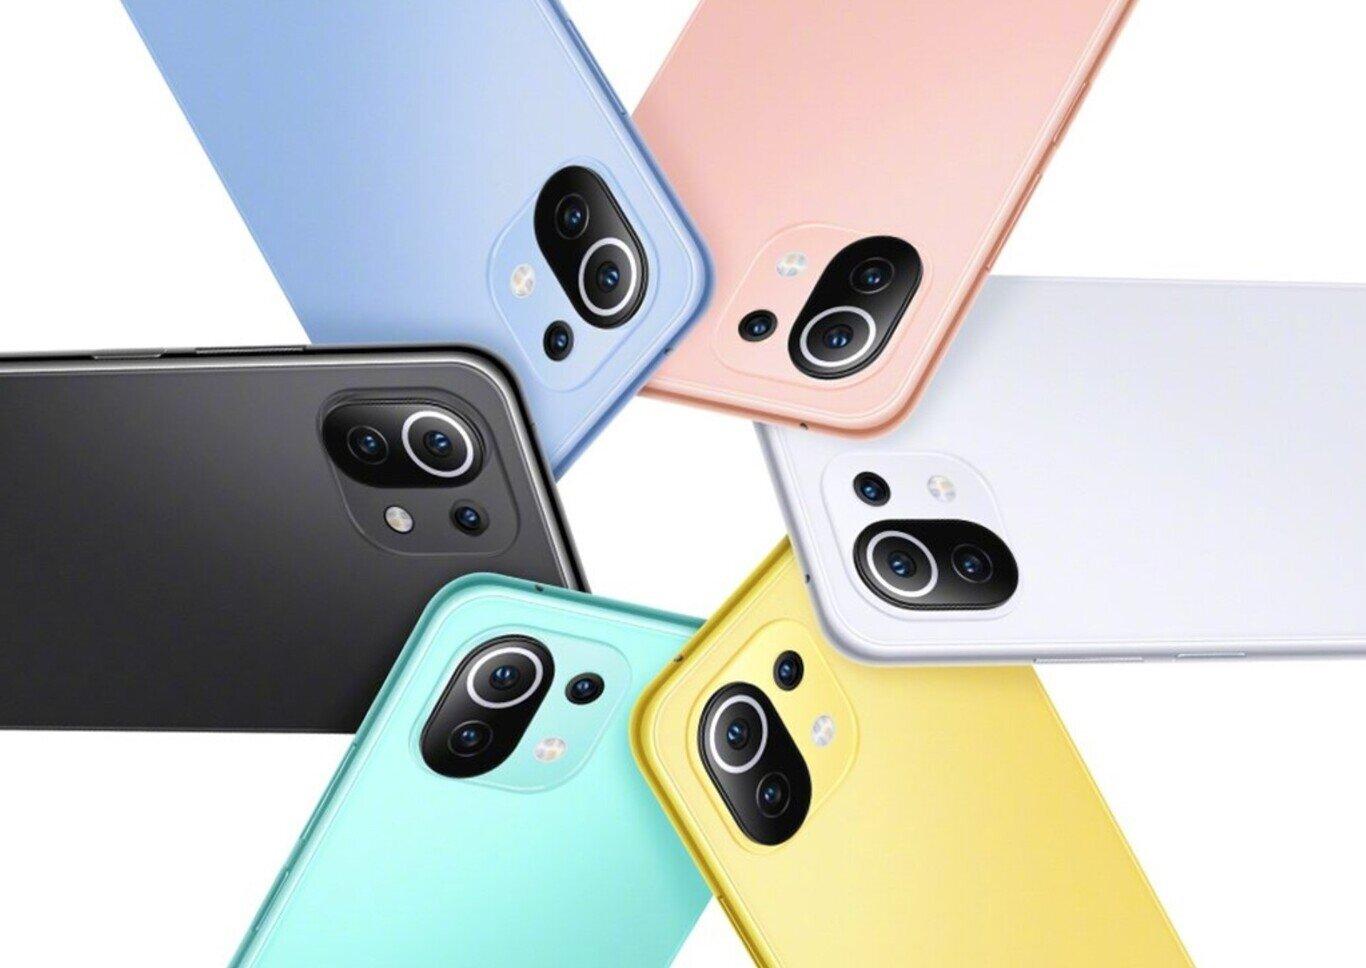 Le Xiaomi Mi 11 lite sera disponible dans un grand nombre de couleurs